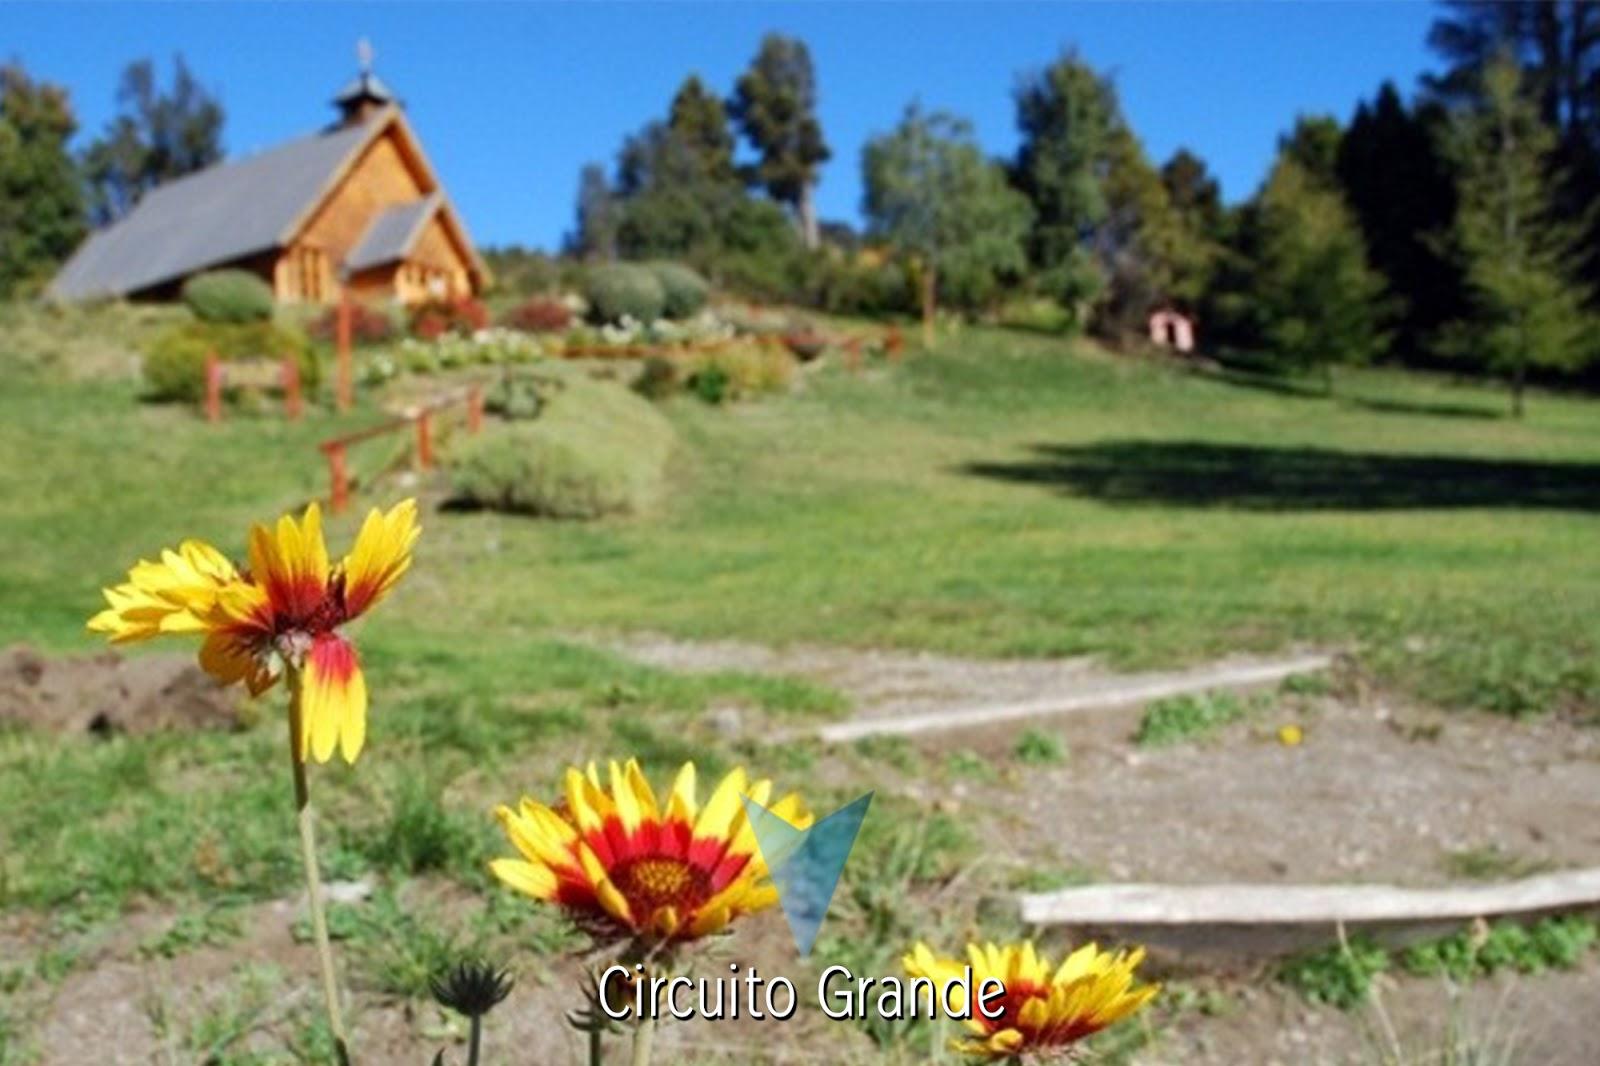 Circuito Grande Bariloche : Bariloche para brasileiros outubro